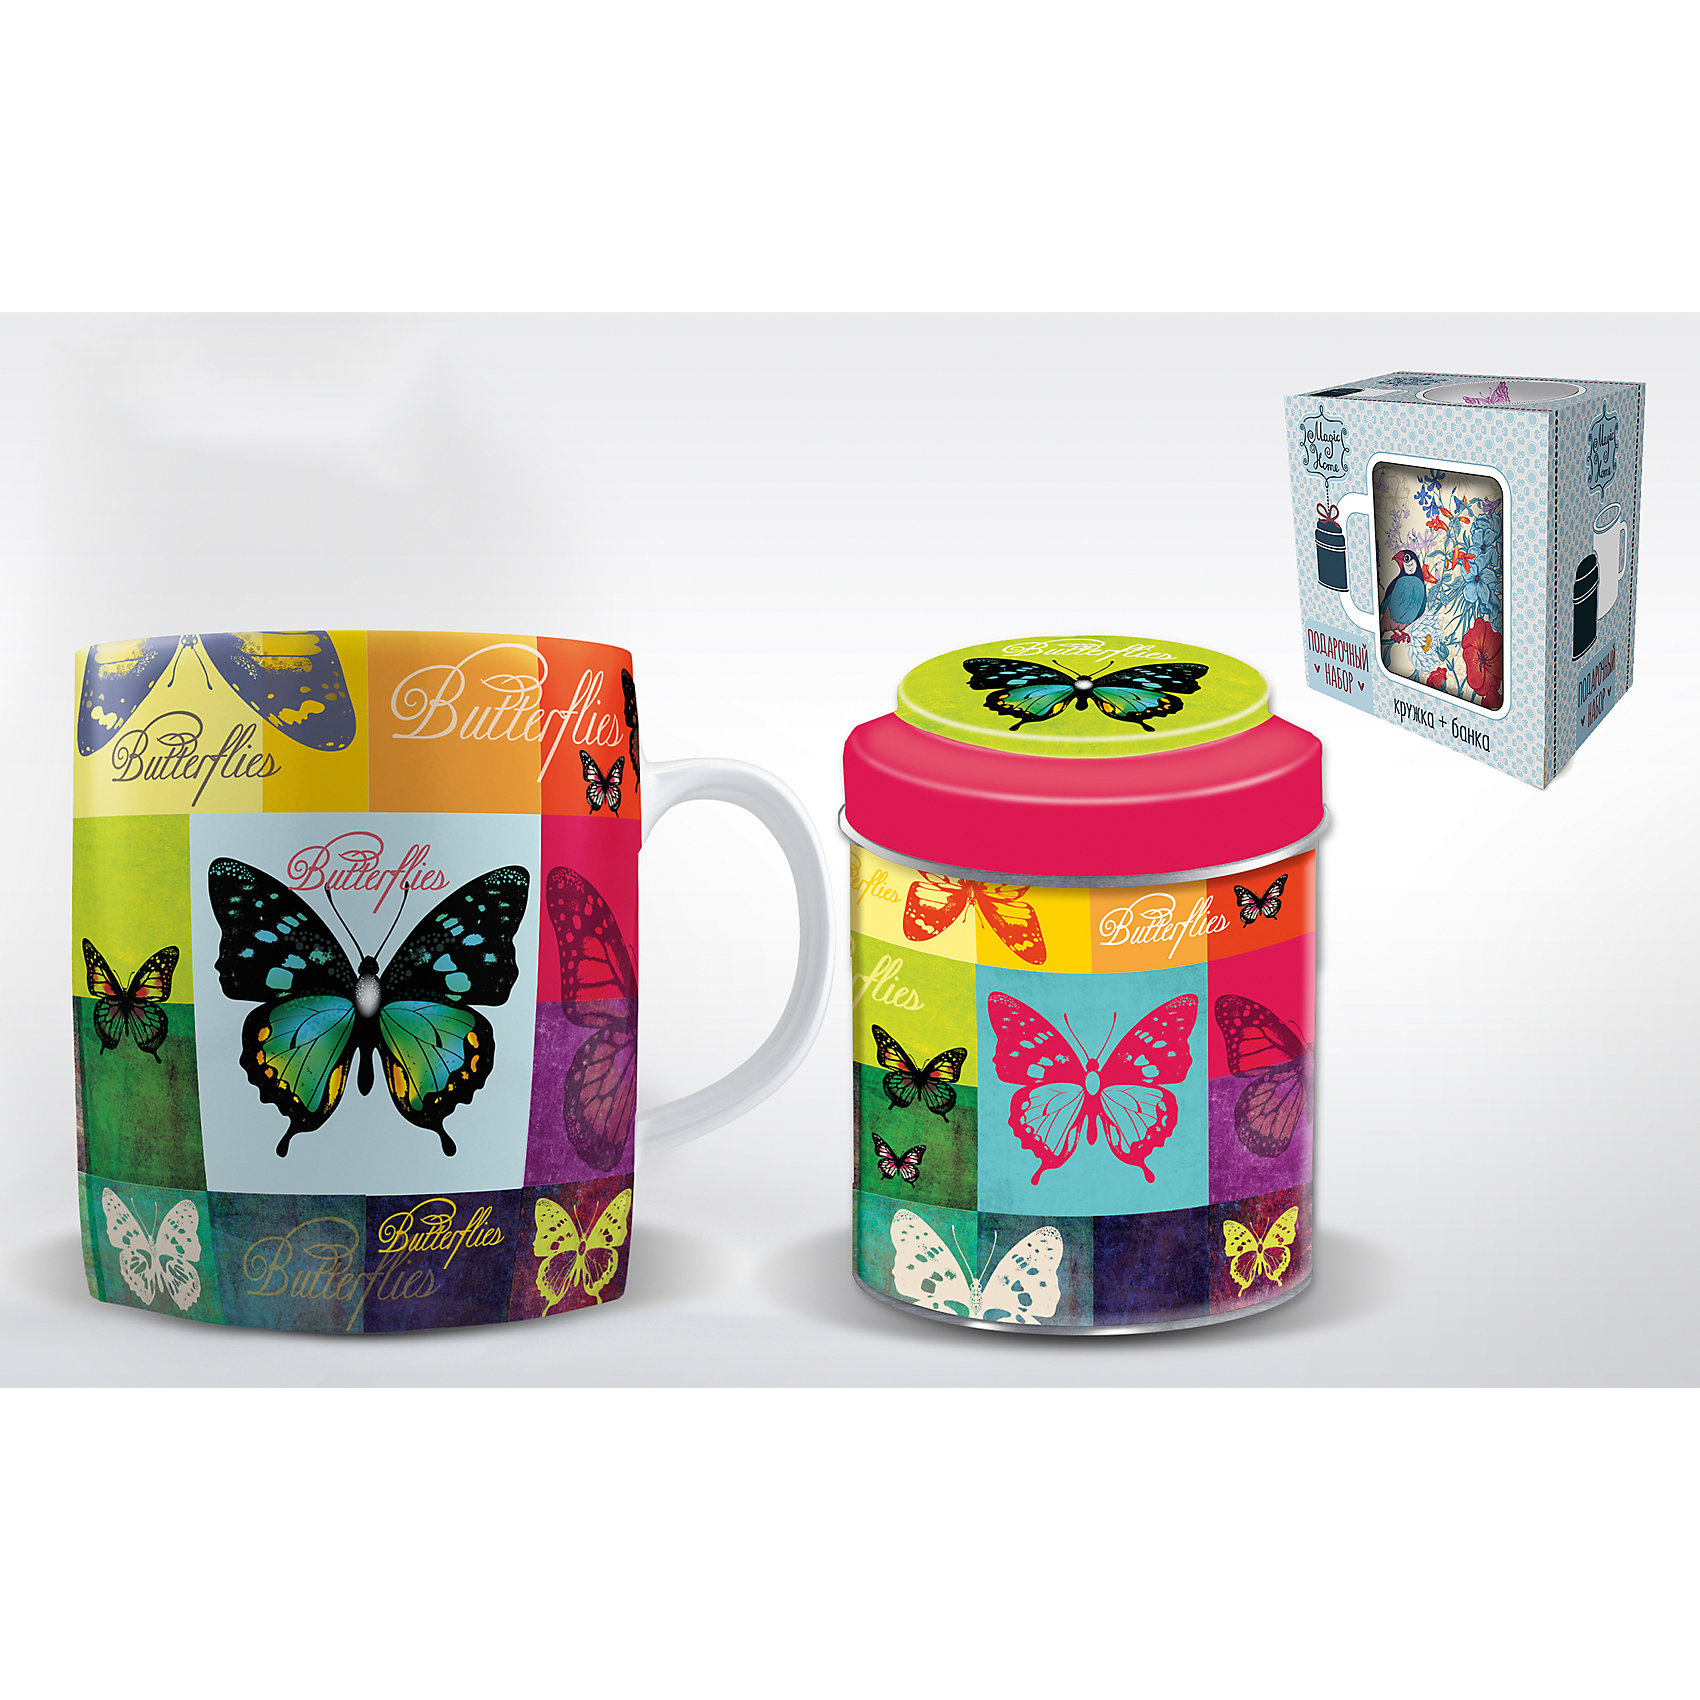 Набор подарочный  Радужные бабочки, Феникс-ПрезентПосуда<br>Набор подарочный Радужные бабочки, Феникс-Презент<br><br>Характеристики:<br><br>• набор в подарочной упаковке для любителей чая<br>• в комплекте: кружка, баночка для чая<br>• объем кружки: 300 мл<br>• материал кружки: керамика<br>• материал баночки: черный металл<br>• размер коробки: 12х9х11 см<br><br>Любители чая непременно порадуются набору Радужные бабочки! В комплект входит кружка и баночка для чая. Кружка изготовлена из керамики, а баночка из металла. Оба изделия оформлены изображением бабочек, разноцветных квадратов и надписями. Набор представлен в красивой упаковке - вы сможете преподнести его в подарок!<br><br>Набор подарочный Радужные бабочки, Феникс-Презент вы можете купить в нашем интернет-магазине.<br><br>Ширина мм: 120<br>Глубина мм: 90<br>Высота мм: 110<br>Вес г: 458<br>Возраст от месяцев: 120<br>Возраст до месяцев: 2147483647<br>Пол: Унисекс<br>Возраст: Детский<br>SKU: 5449664